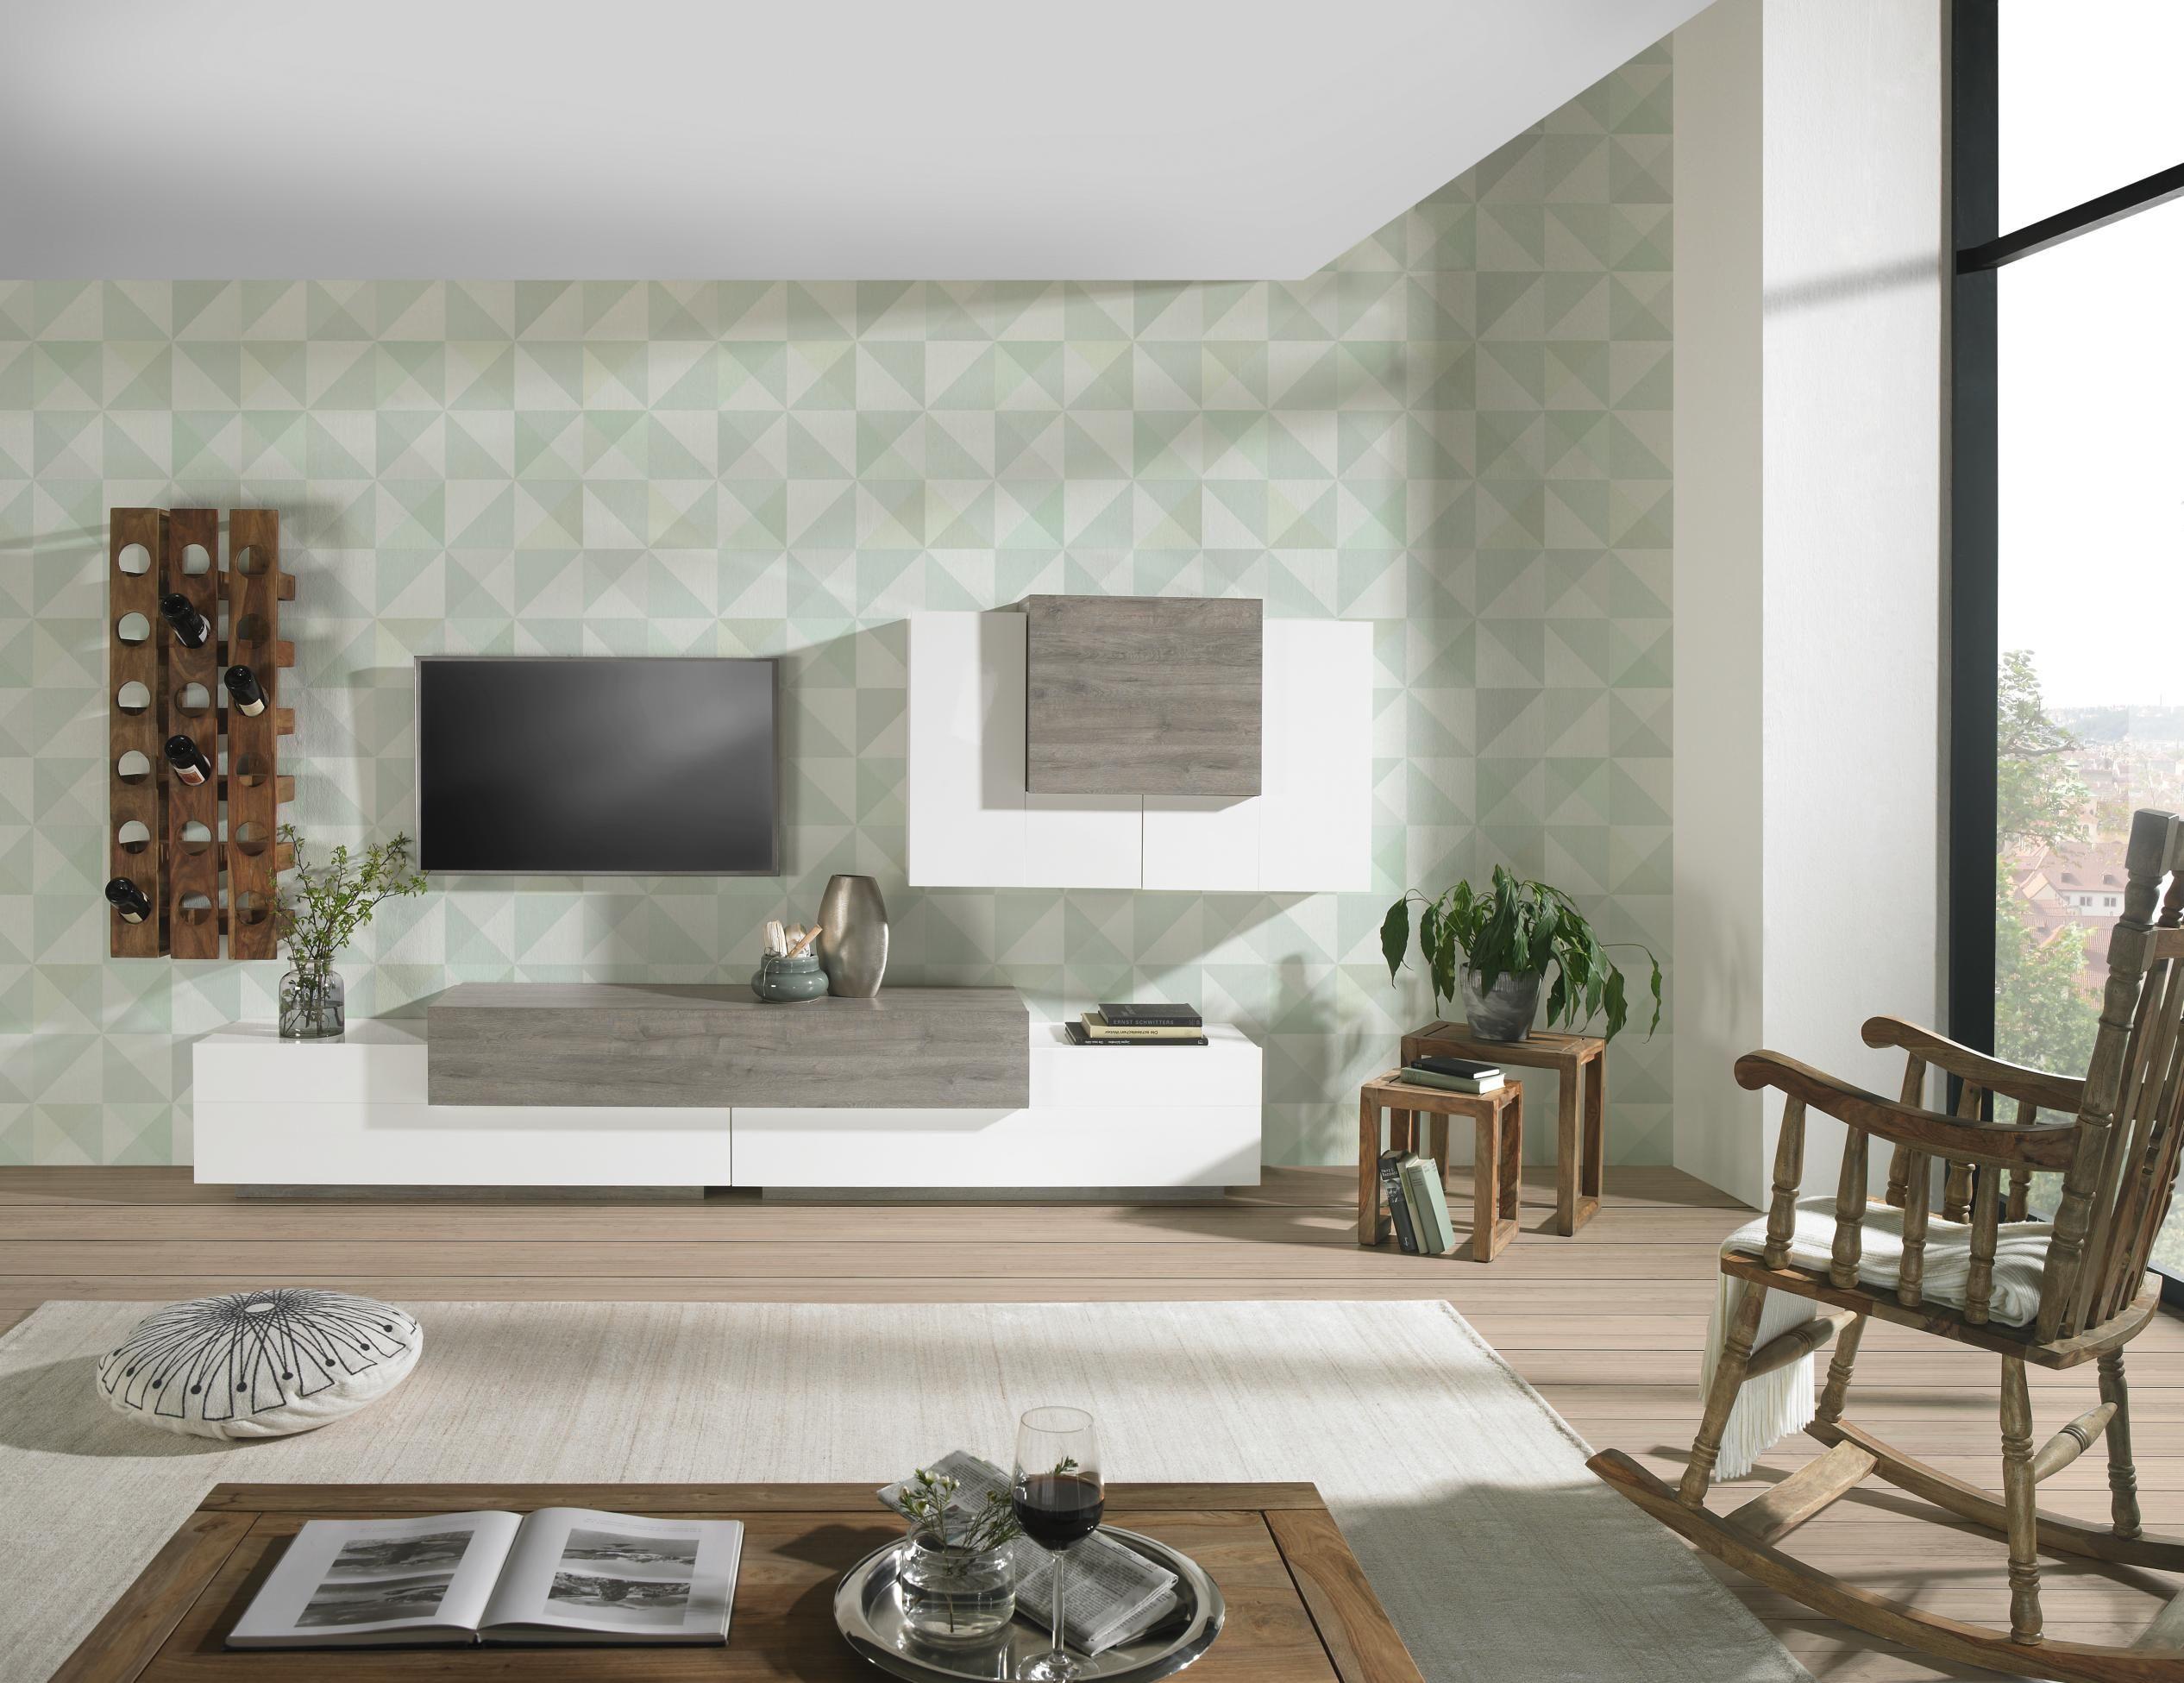 Minimalistische Wohnwand einfach schön durch einen klaren Stil